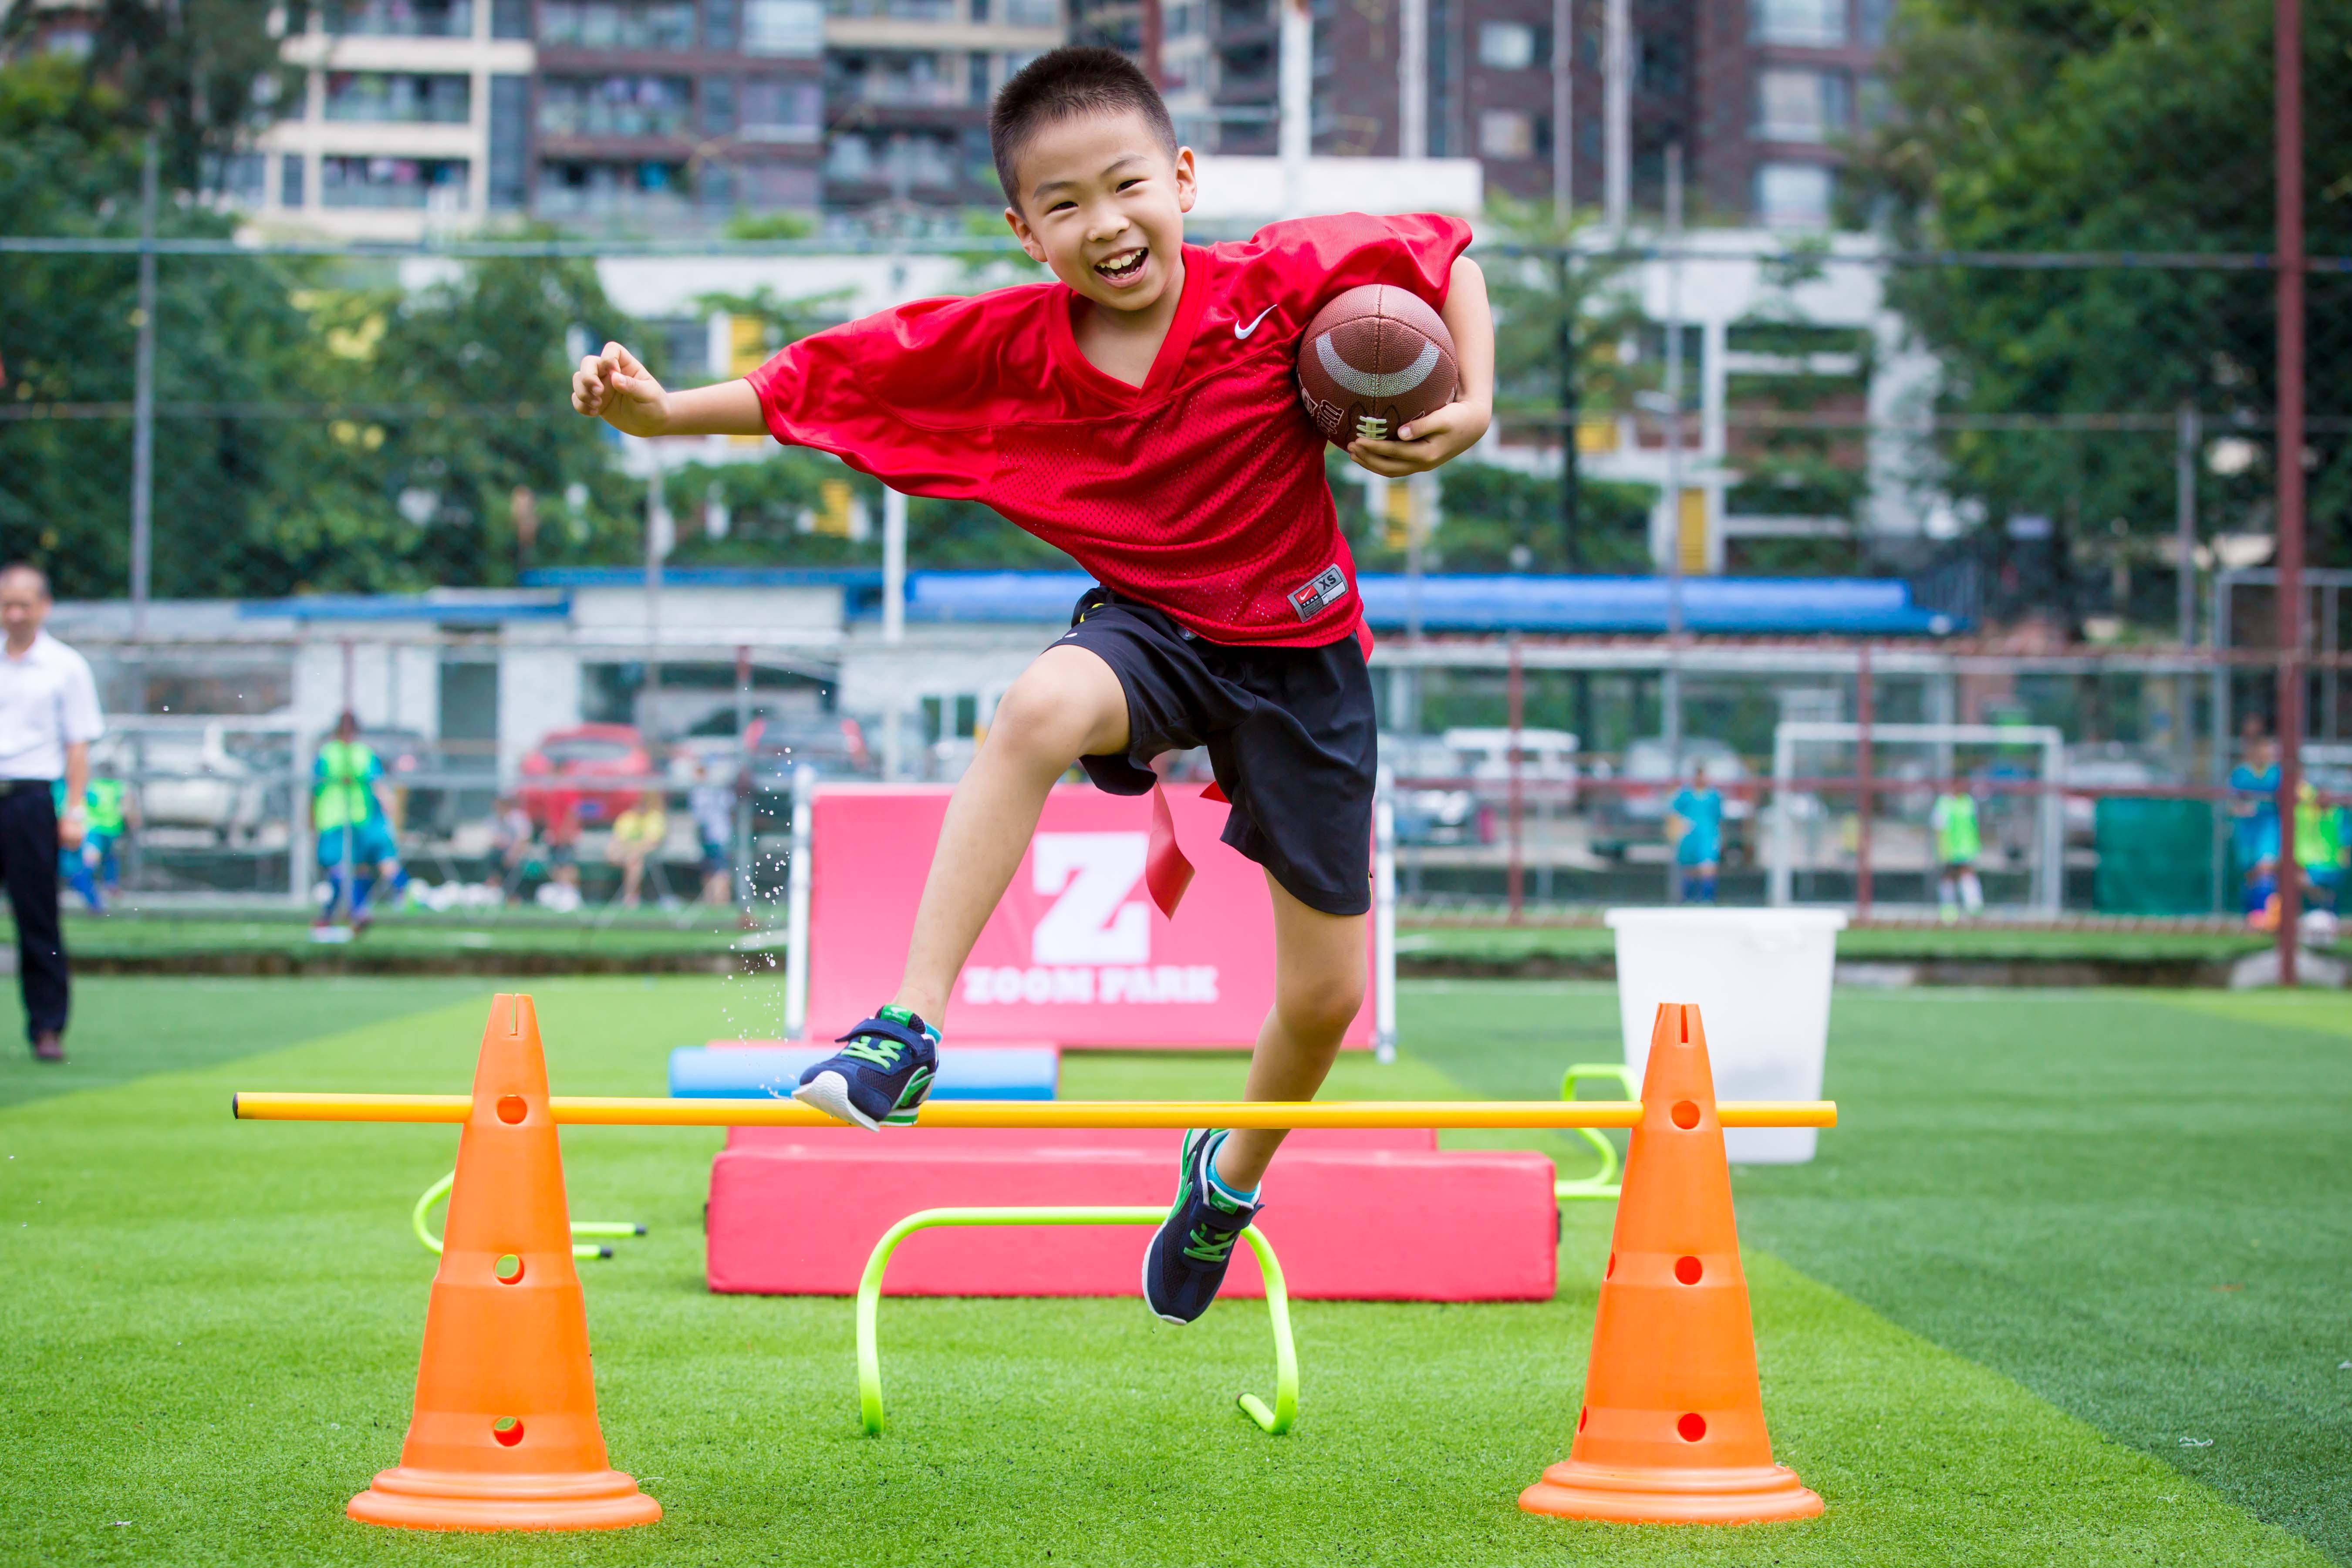 华外国际橄榄球营 IEC-FLS FOOTBALL CAMP